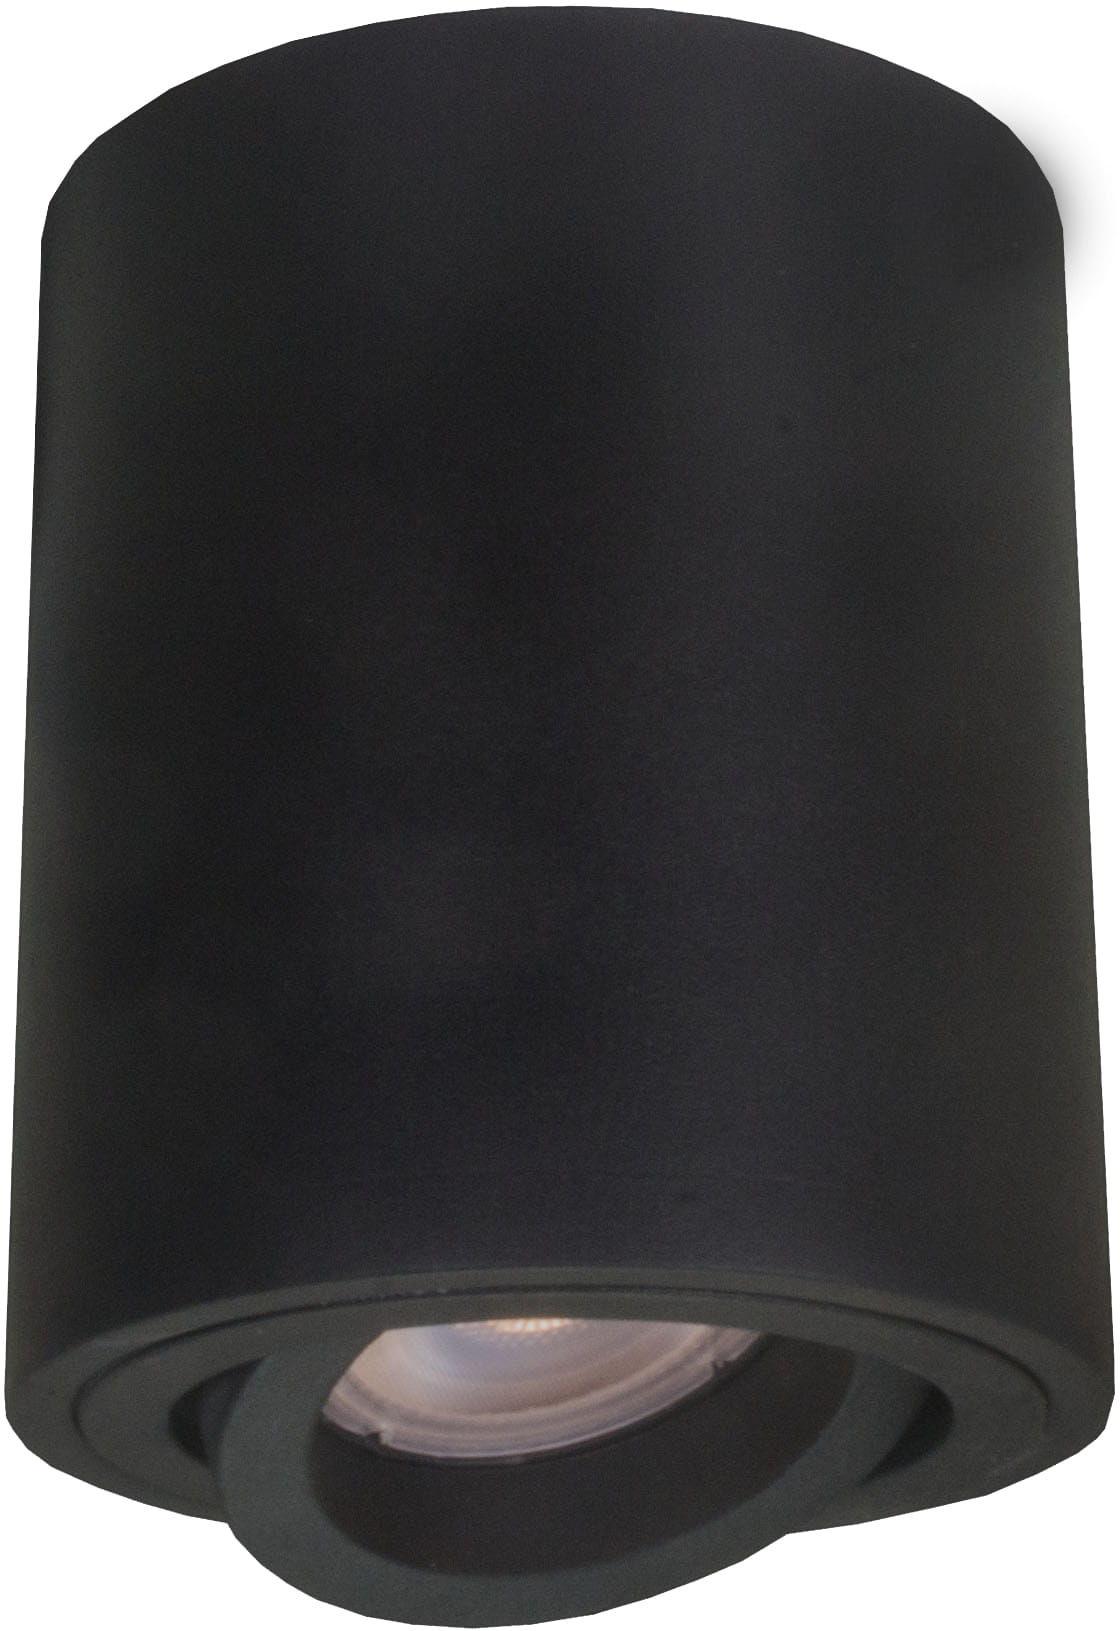 Tulon oprawa natynkowa czarna